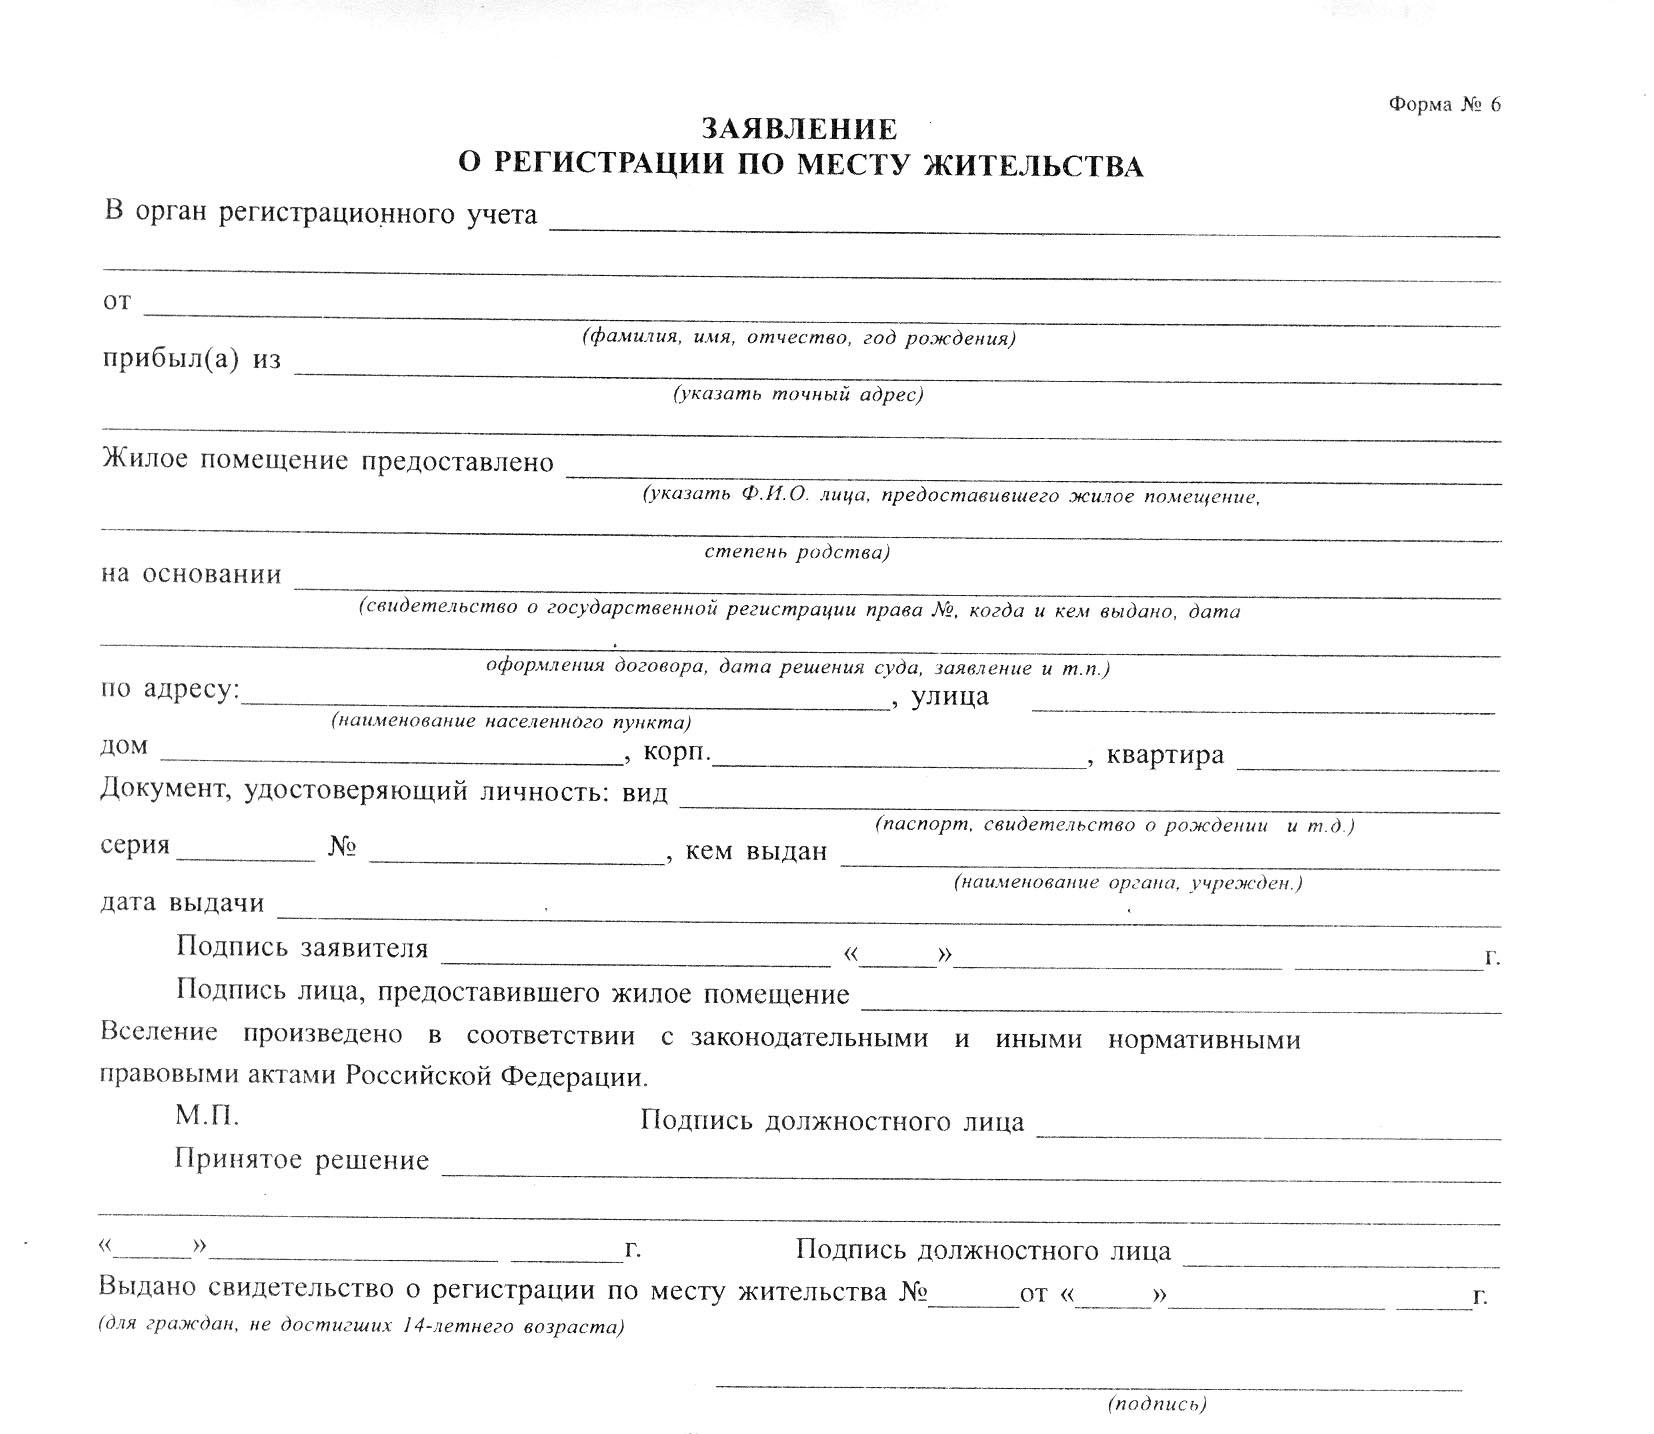 Заявление на регистрацию по форме № 6